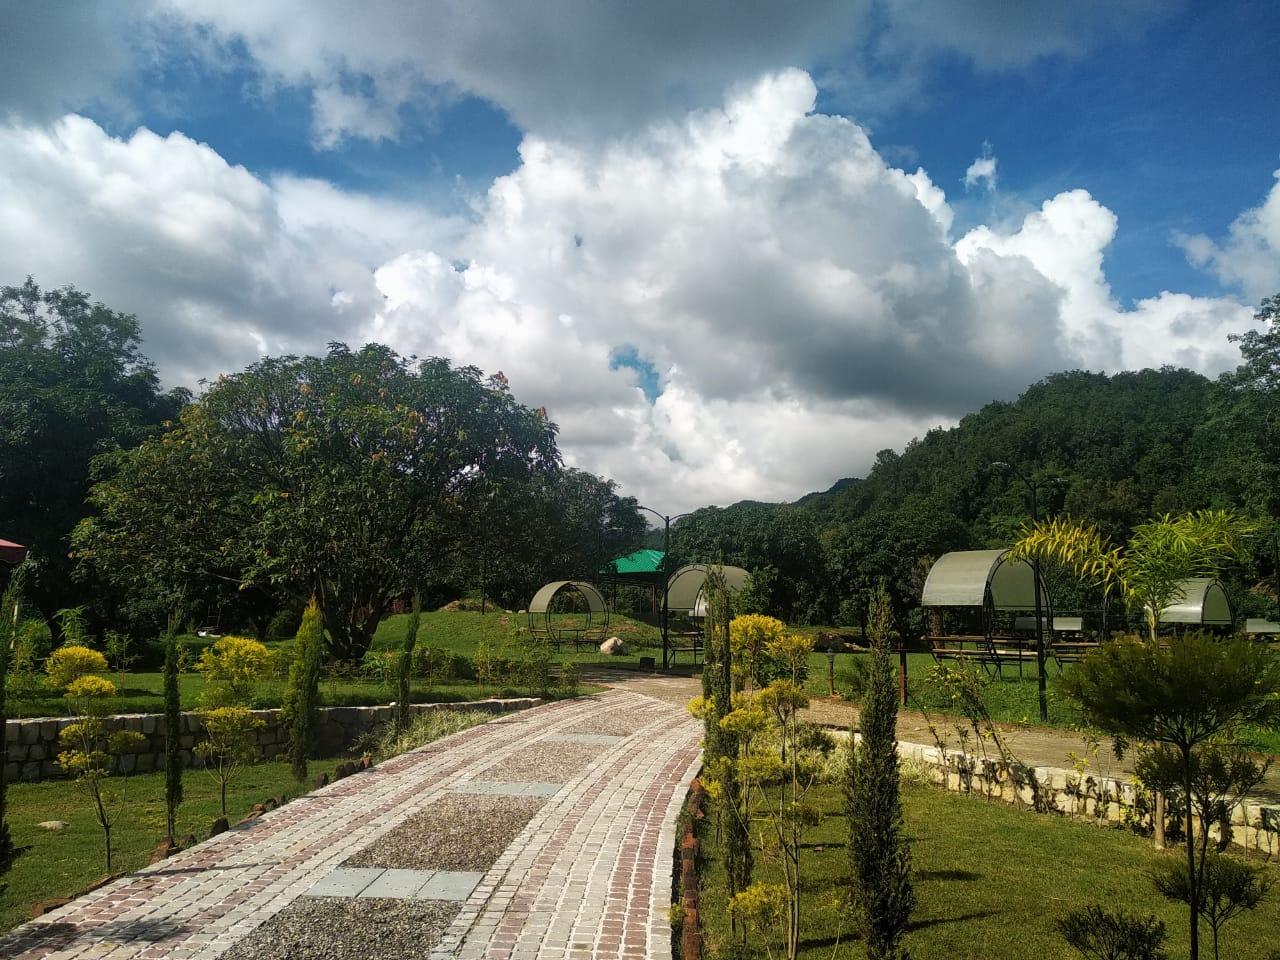 Sylvan garden pic